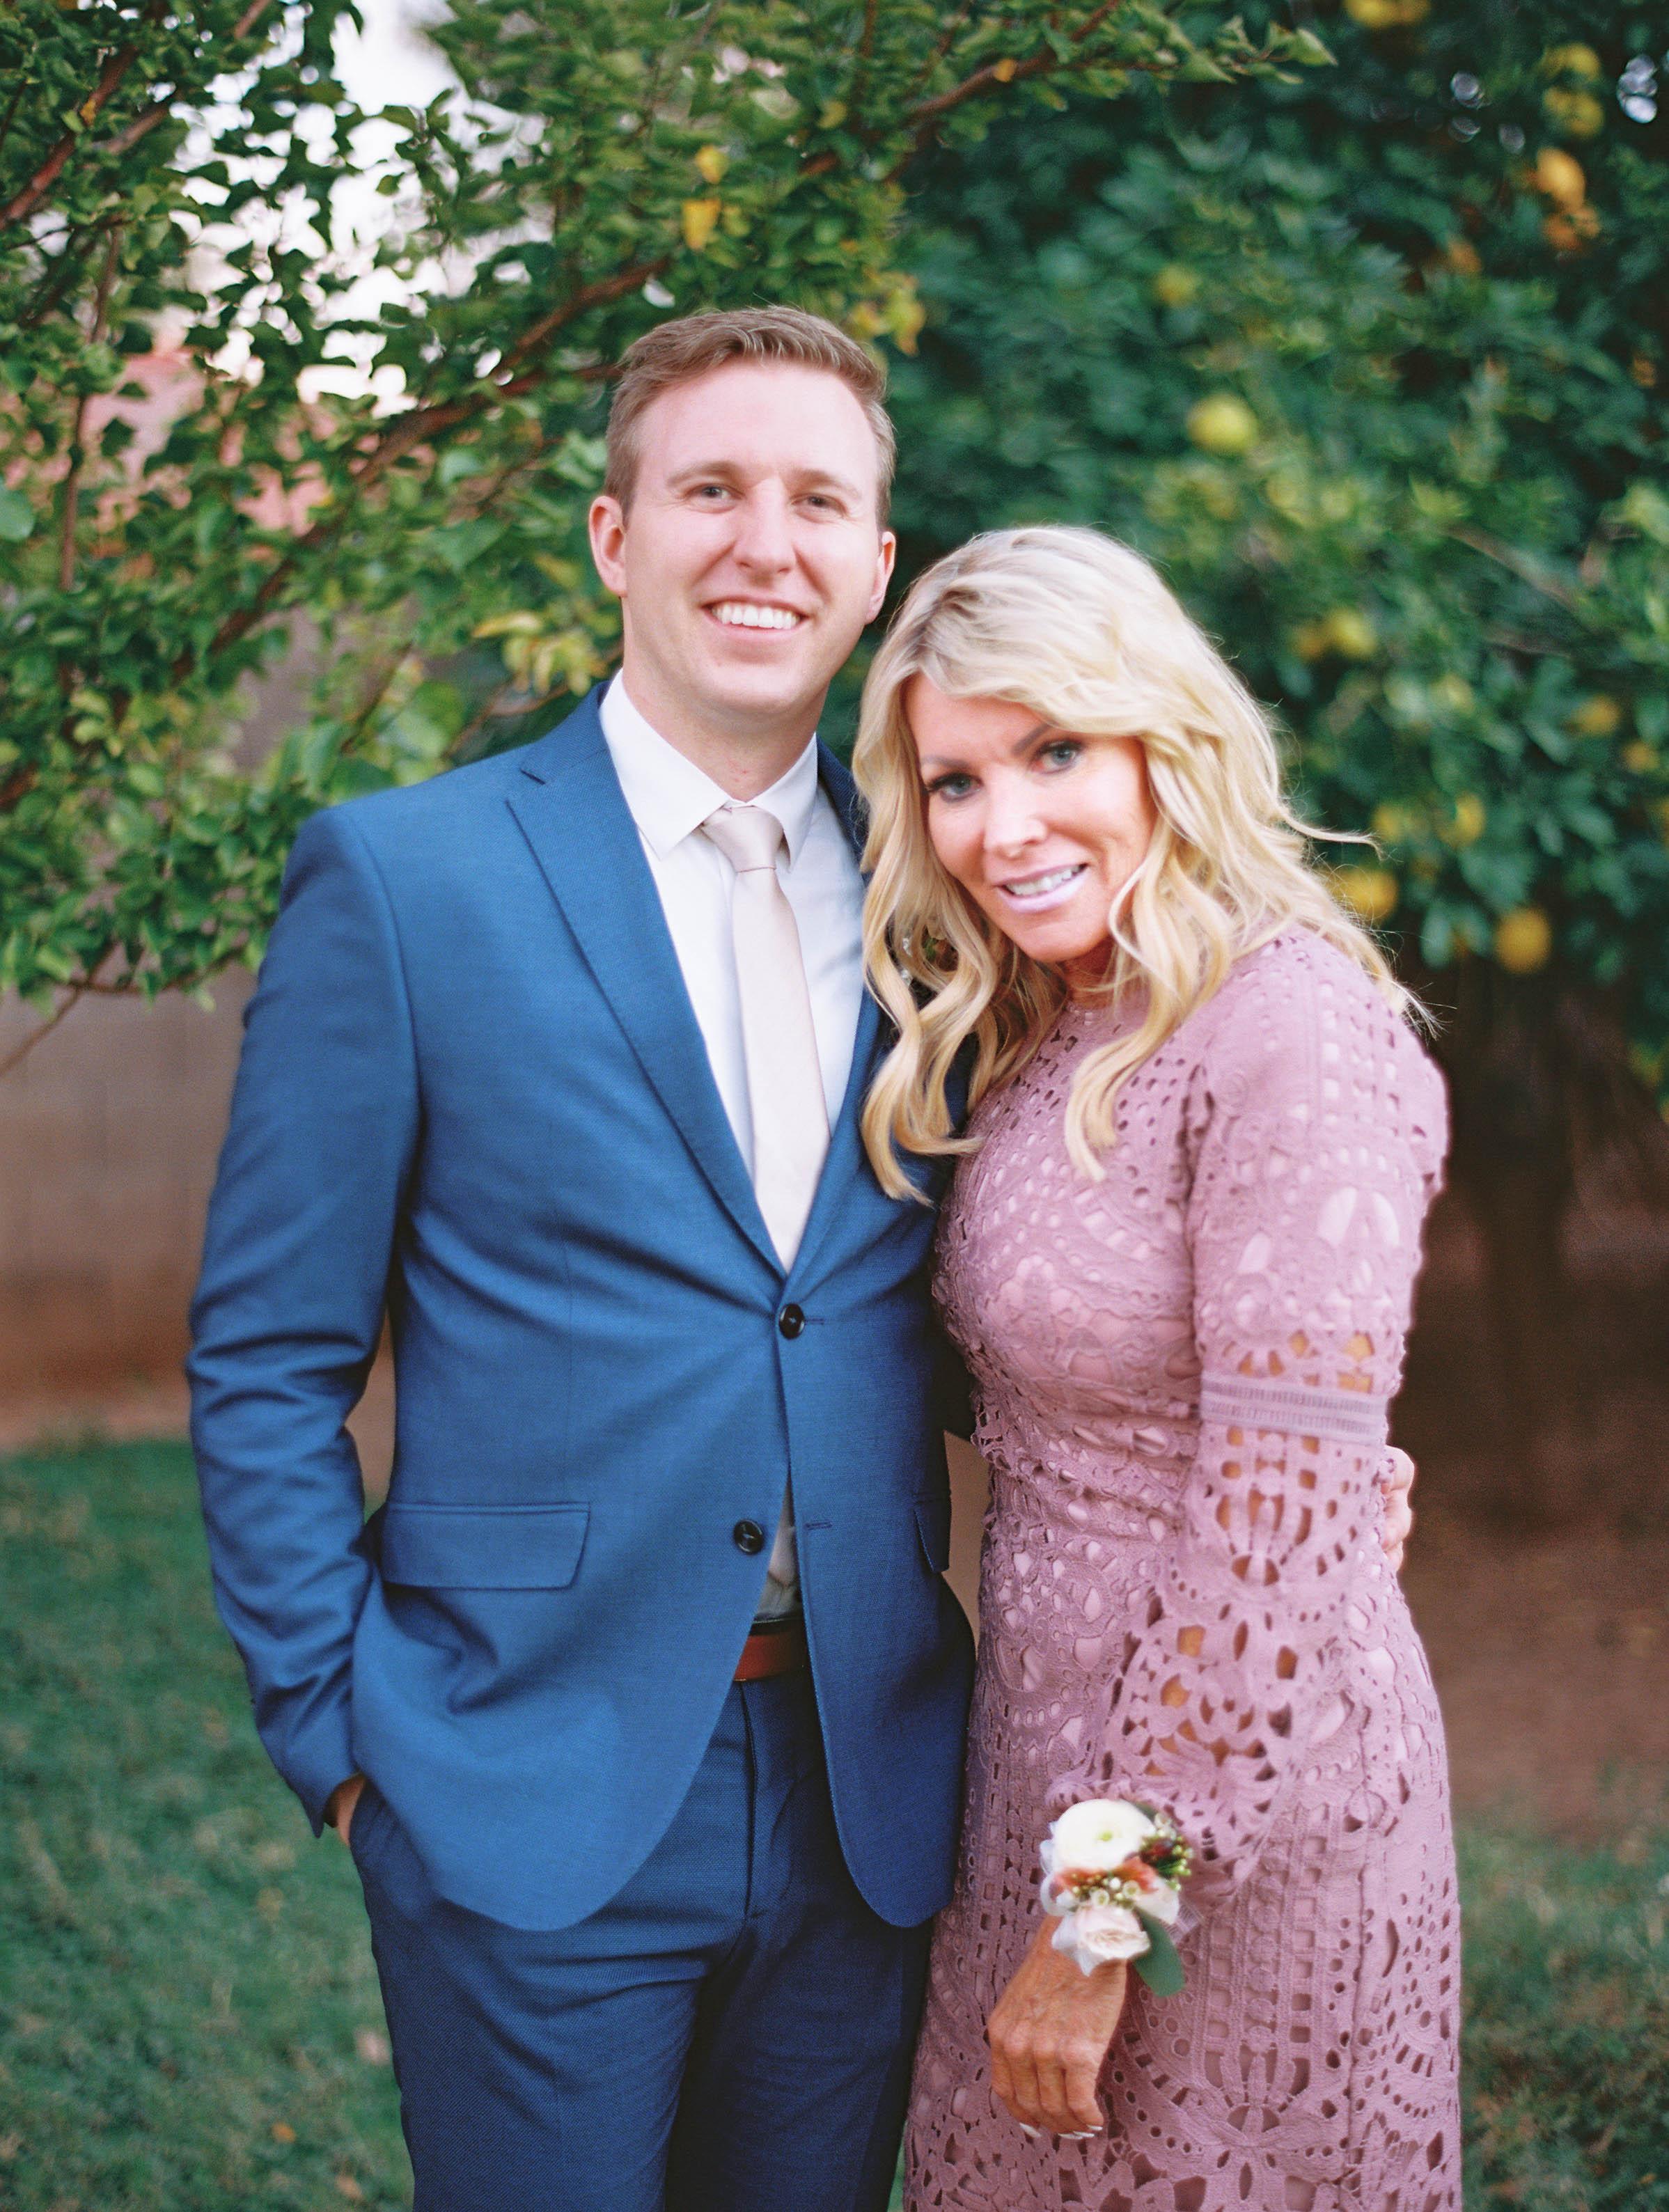 kelsandmichael_weddingphotography_coffey-121.jpg